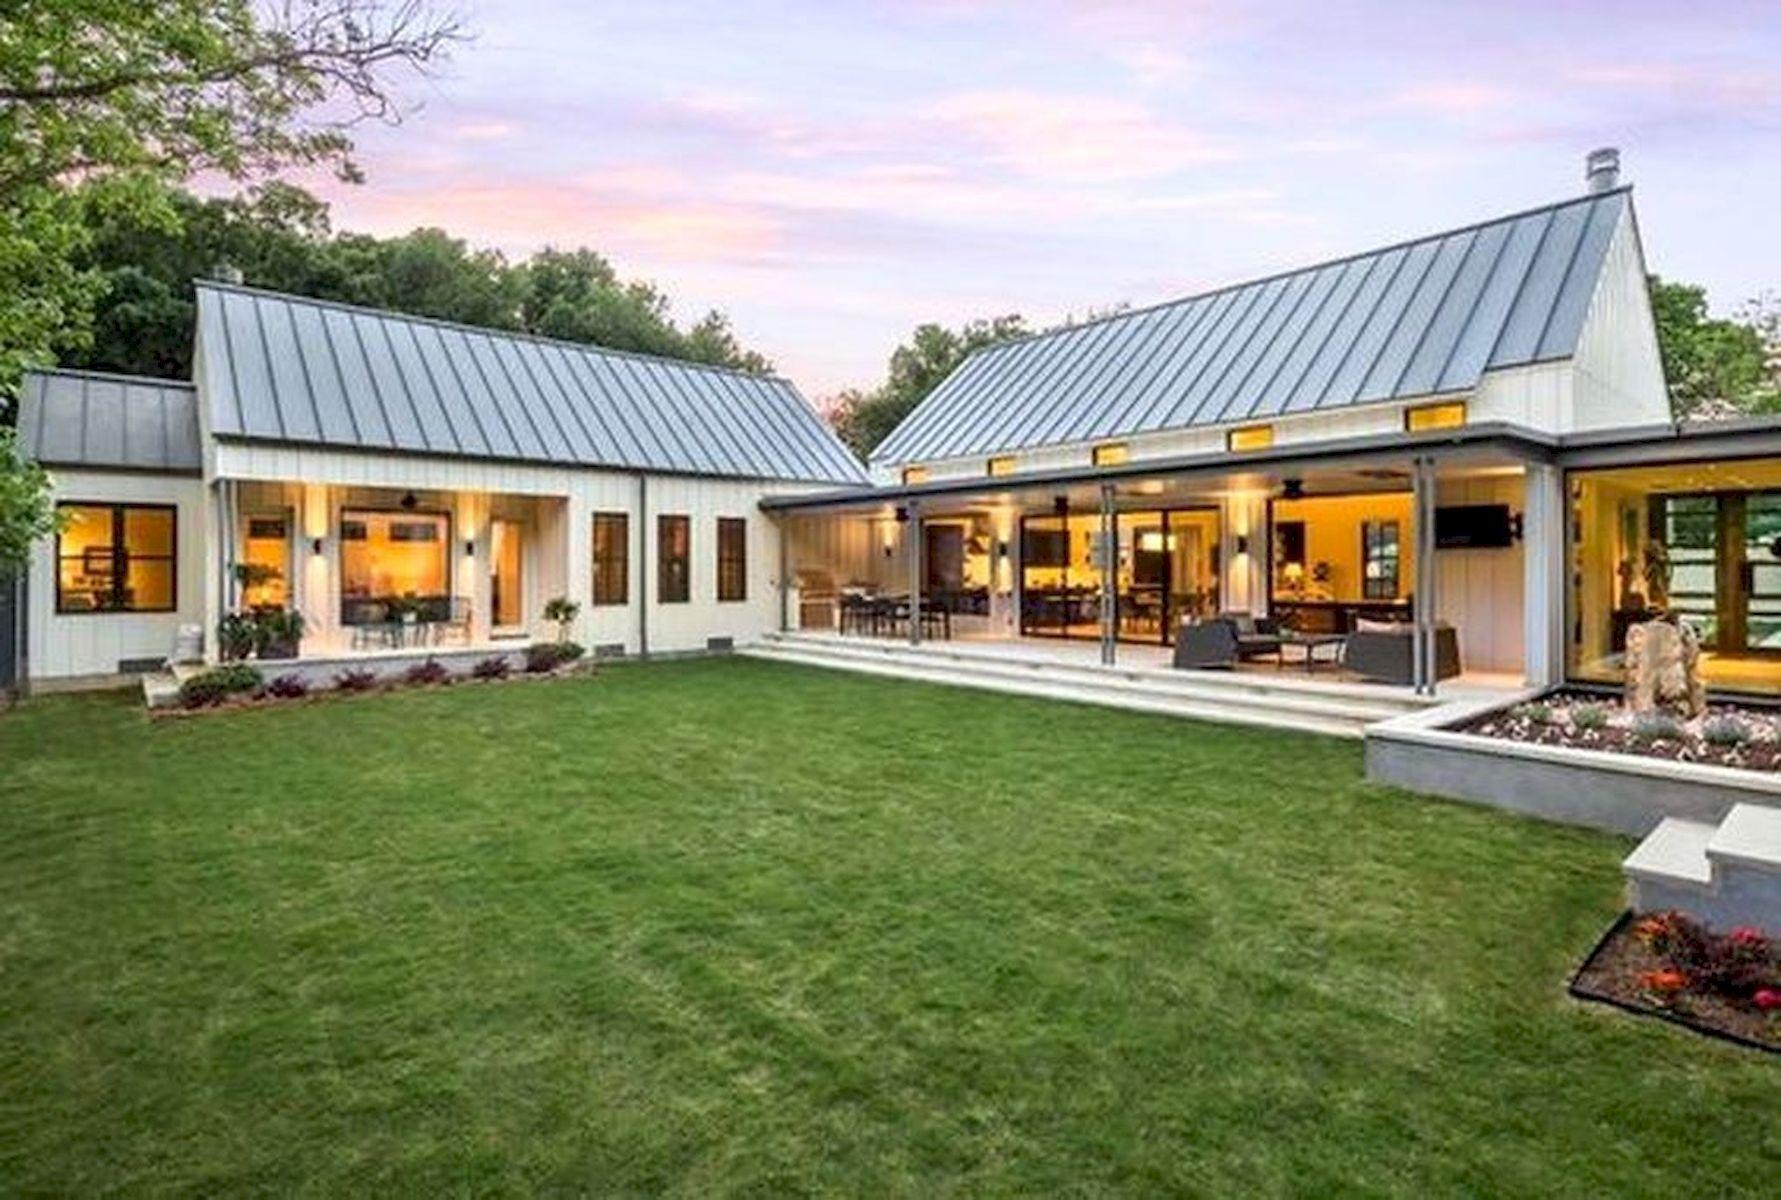 46 Awesome Farmhouse Home Exterior Design Ideas (33)